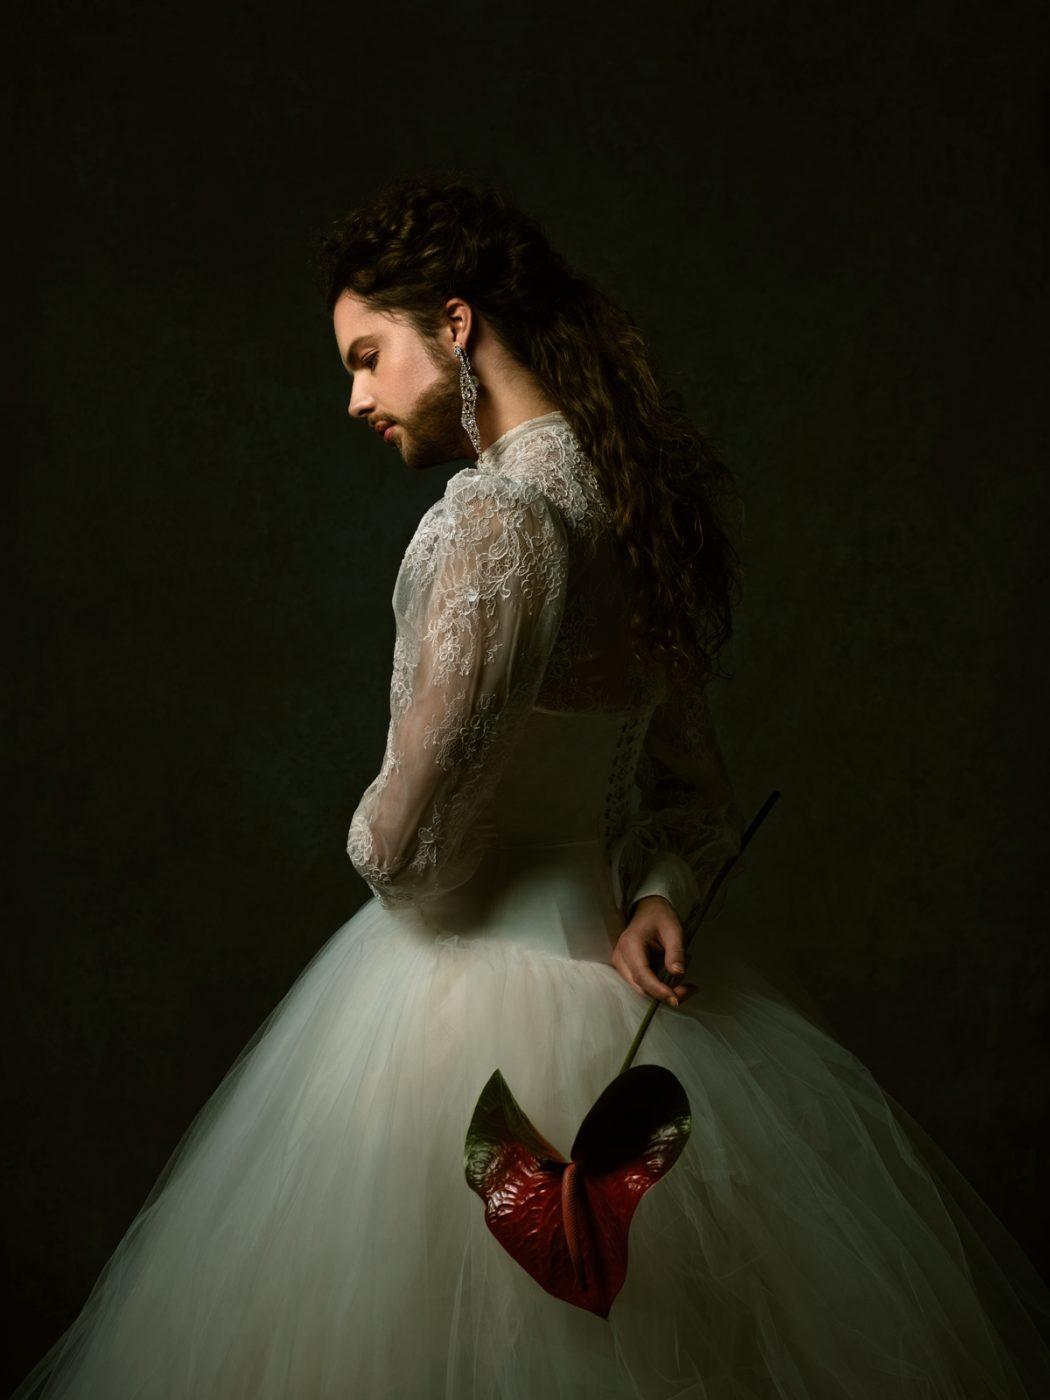 Renata Dutree: The Bride VI